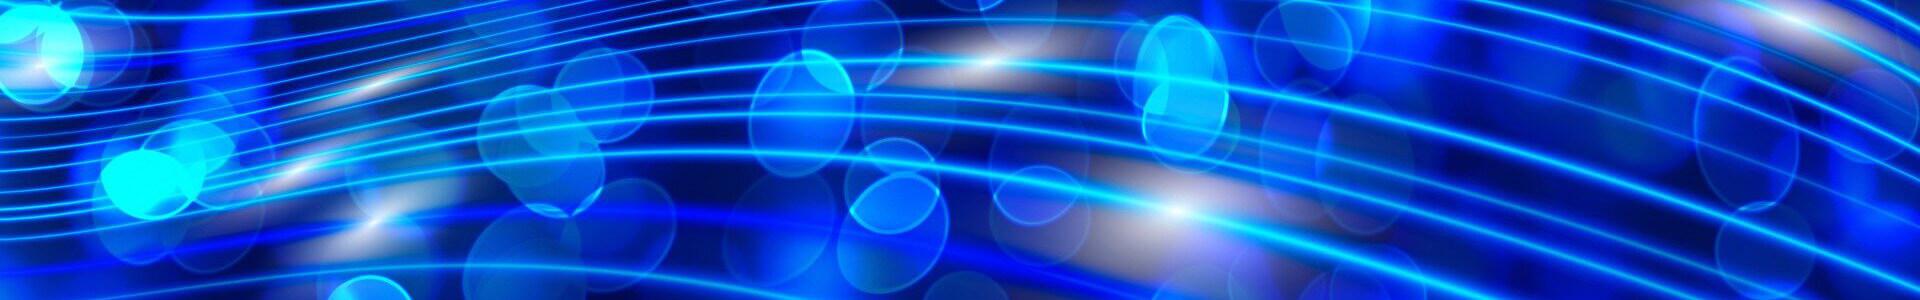 header5-quantum.jpg